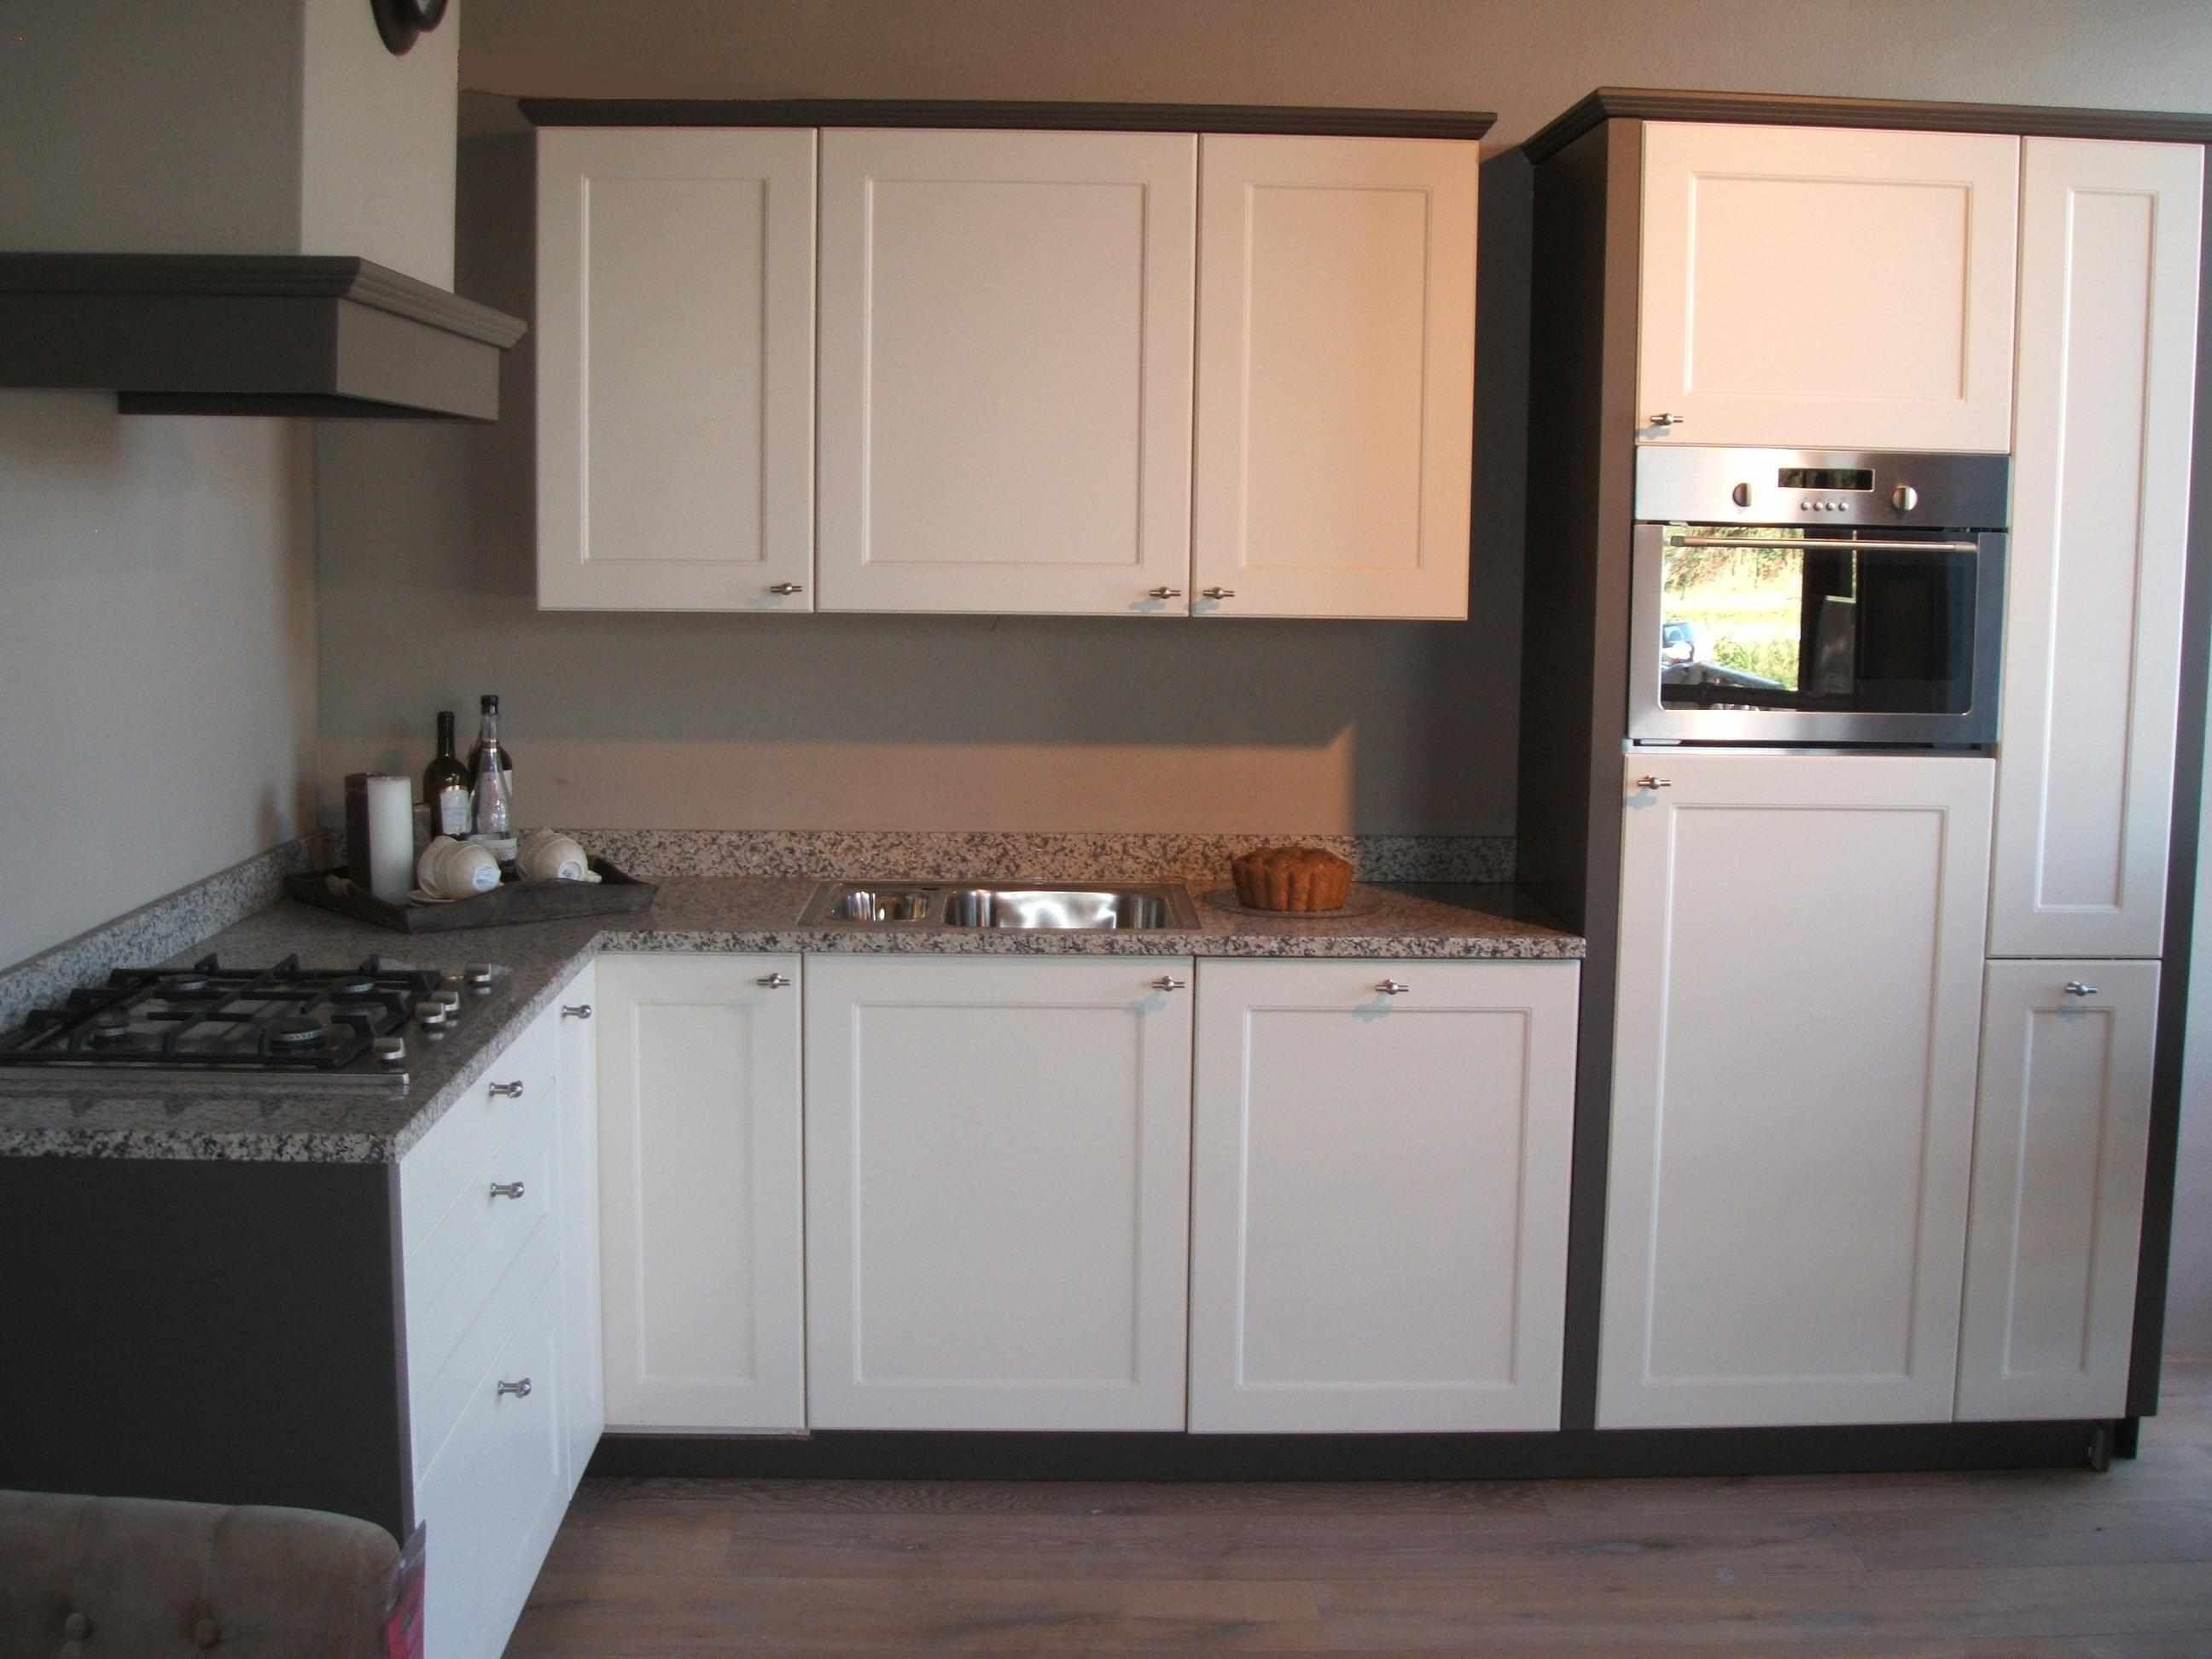 Rechte Keuken Magnolia Gelakt : ... keukens voor zeer lage keuken ...